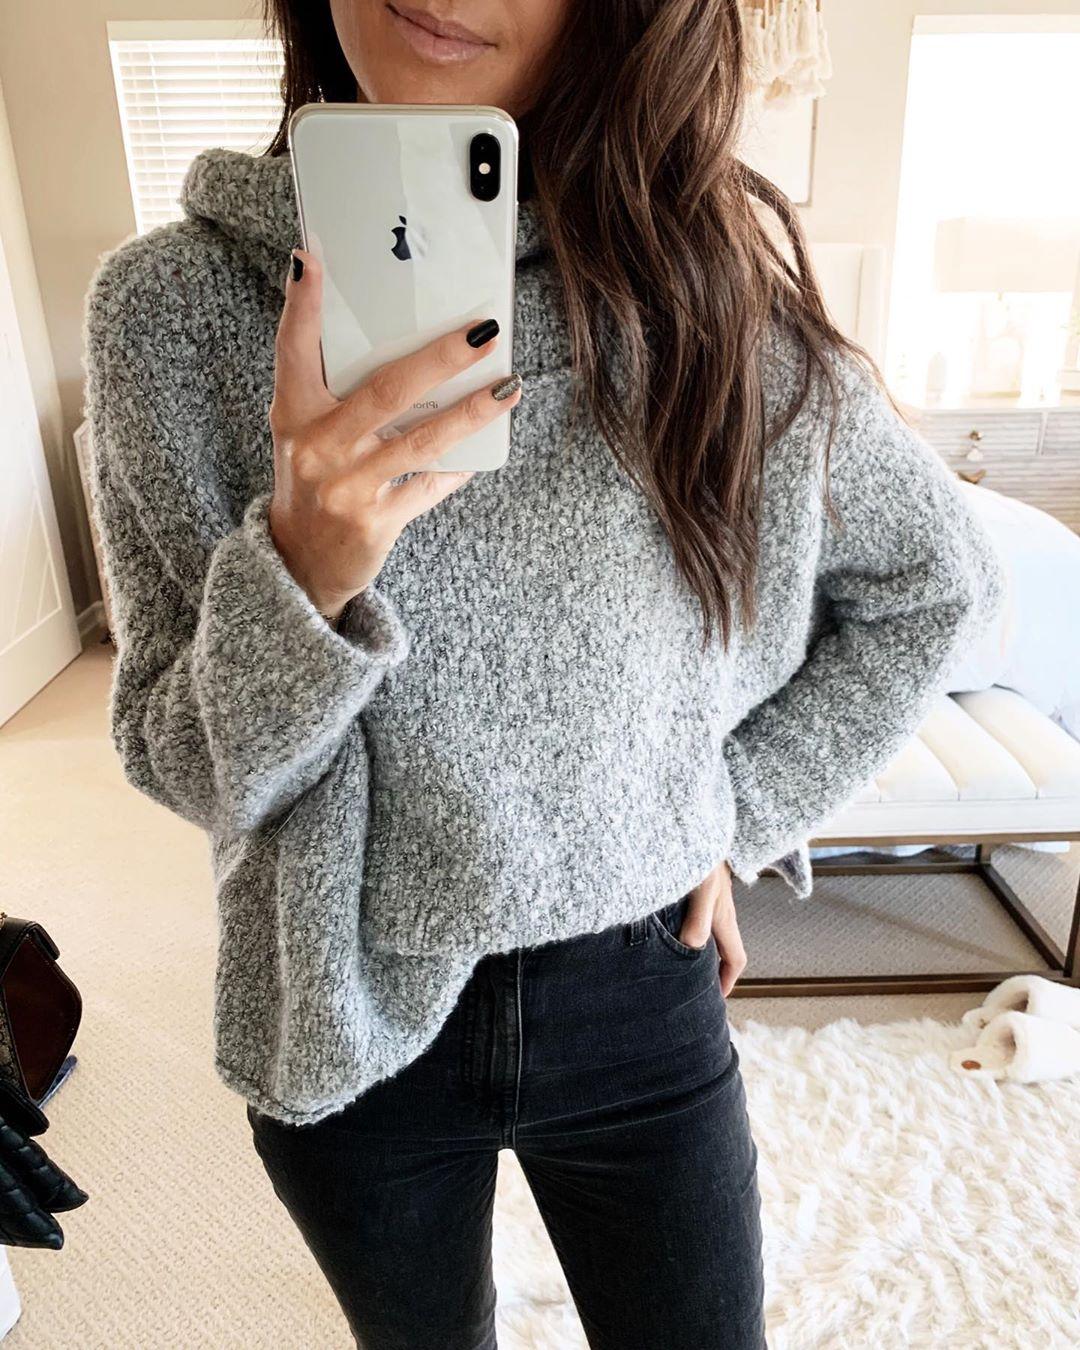 Джинсы и свитер 2020 фото 14